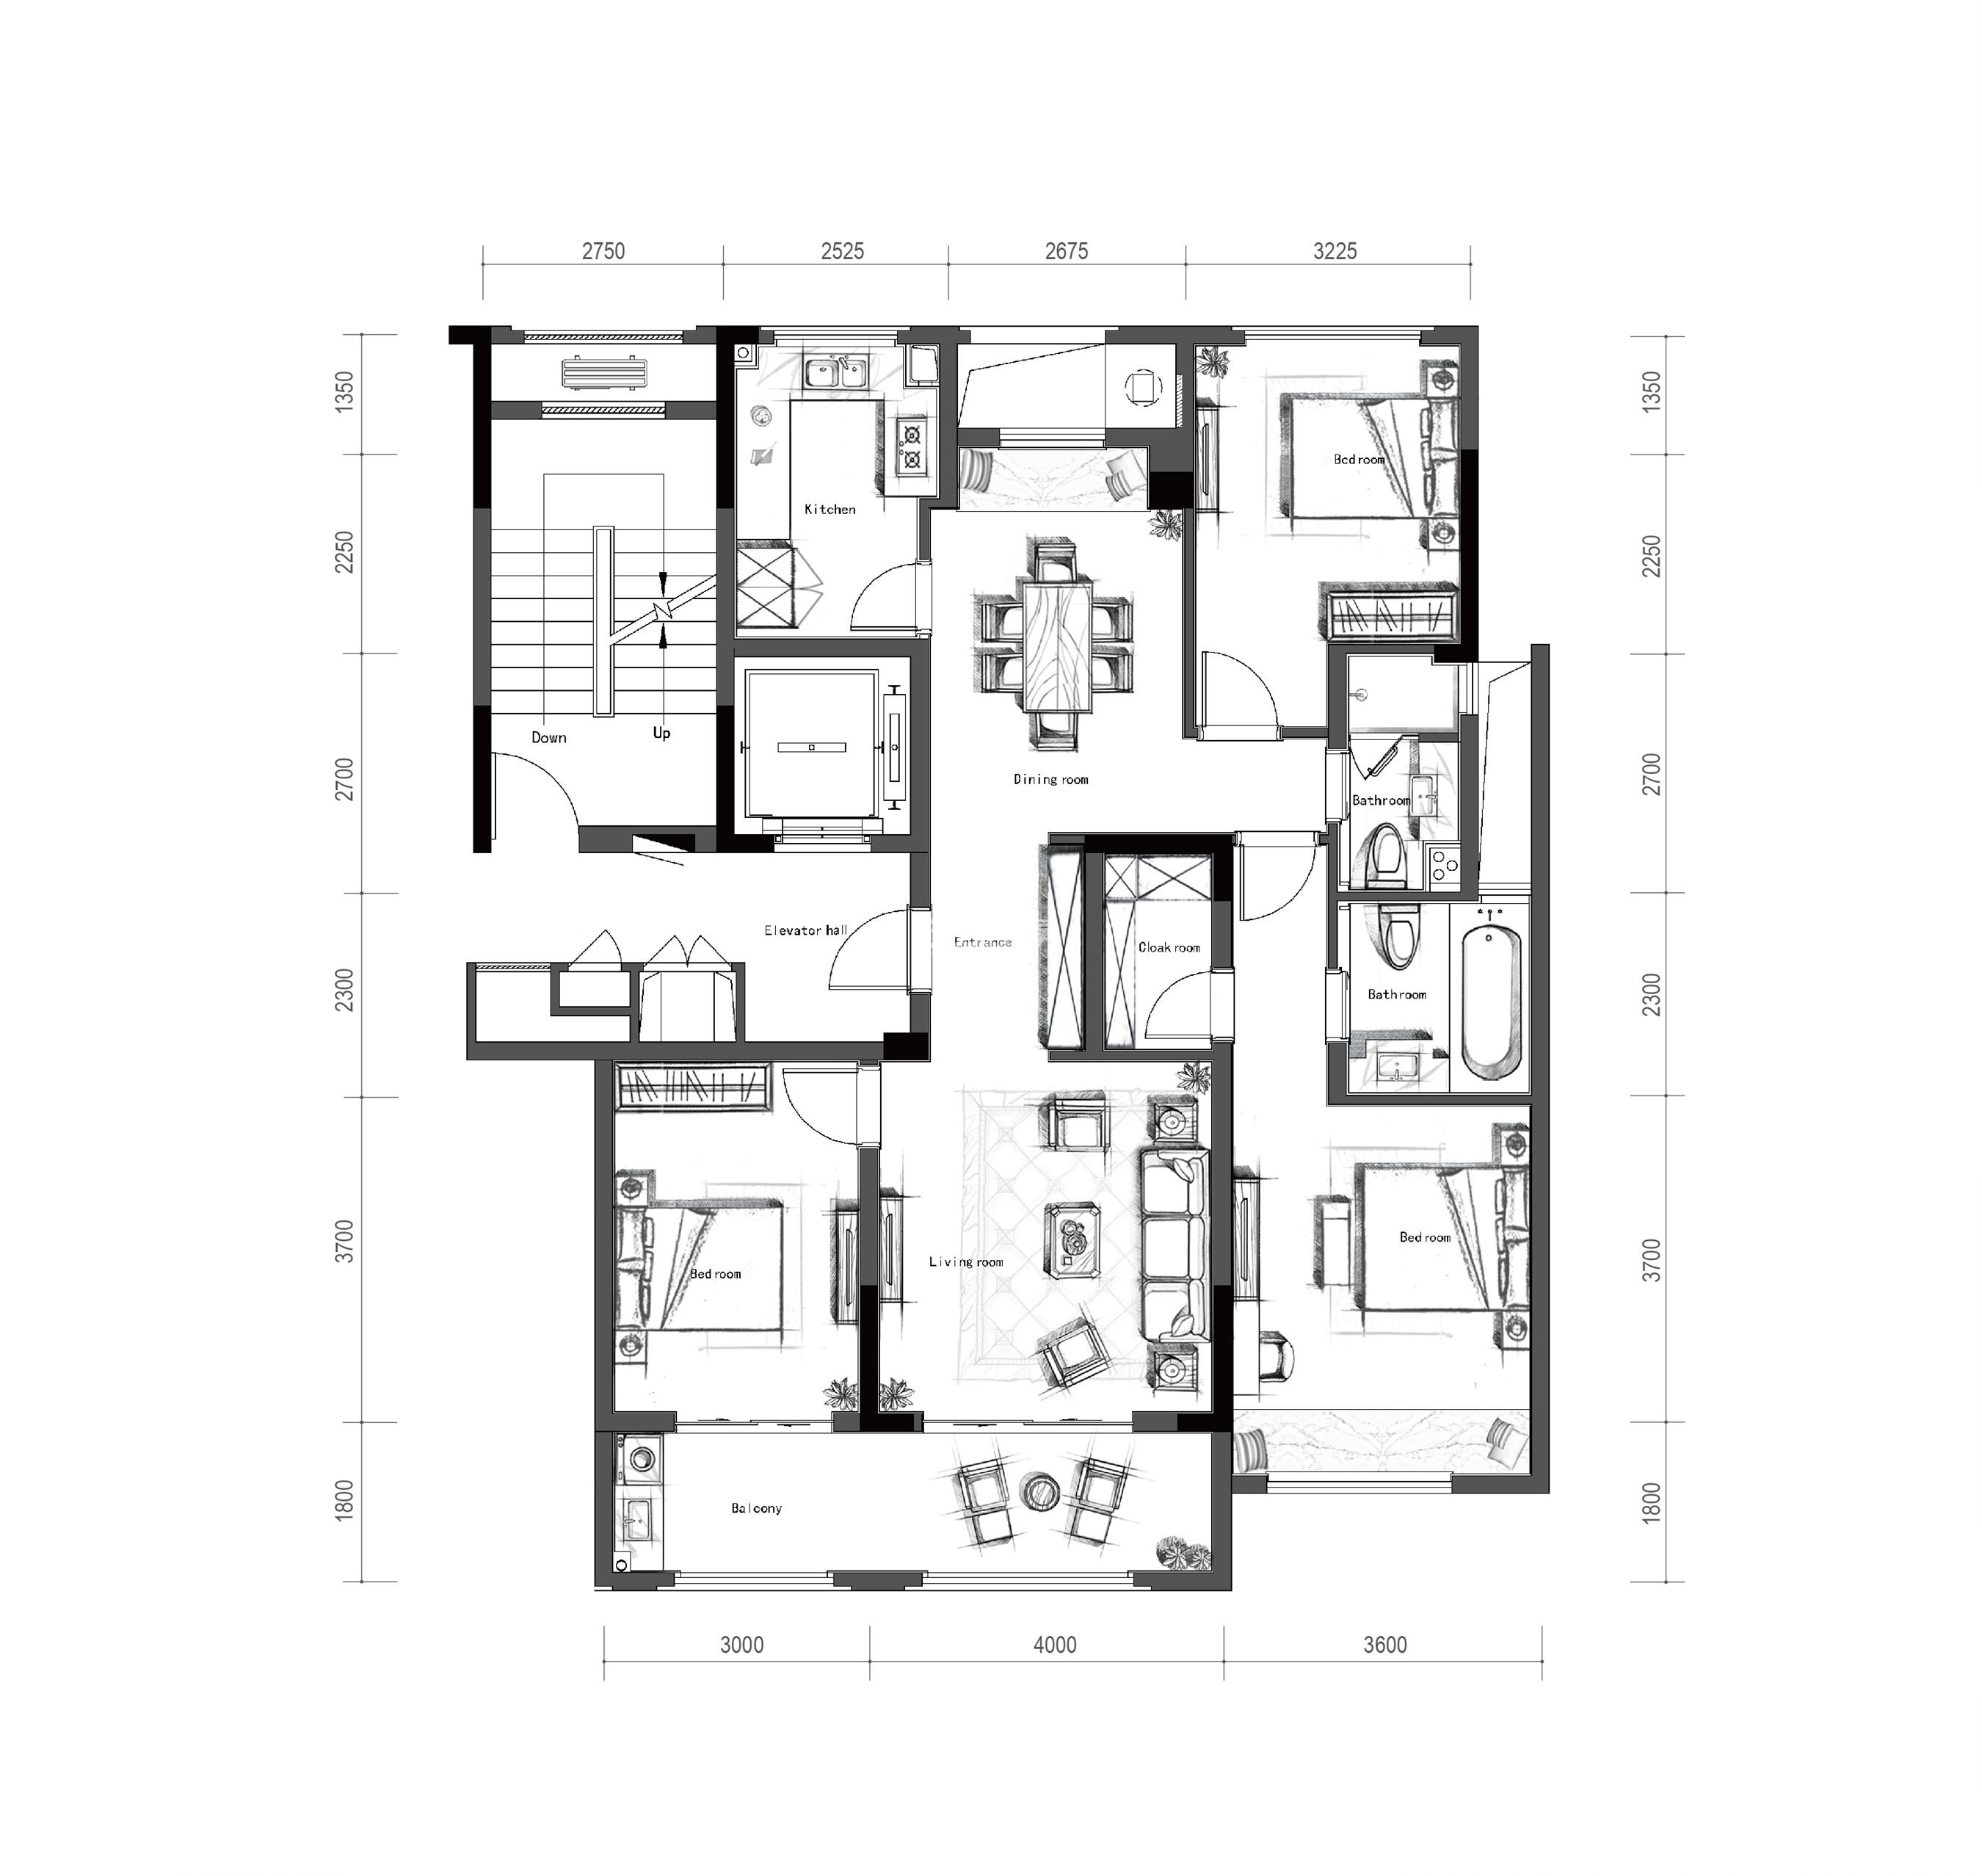 万科新都会1958项目1、2、4号楼【柯罗之梦】户型 125㎡